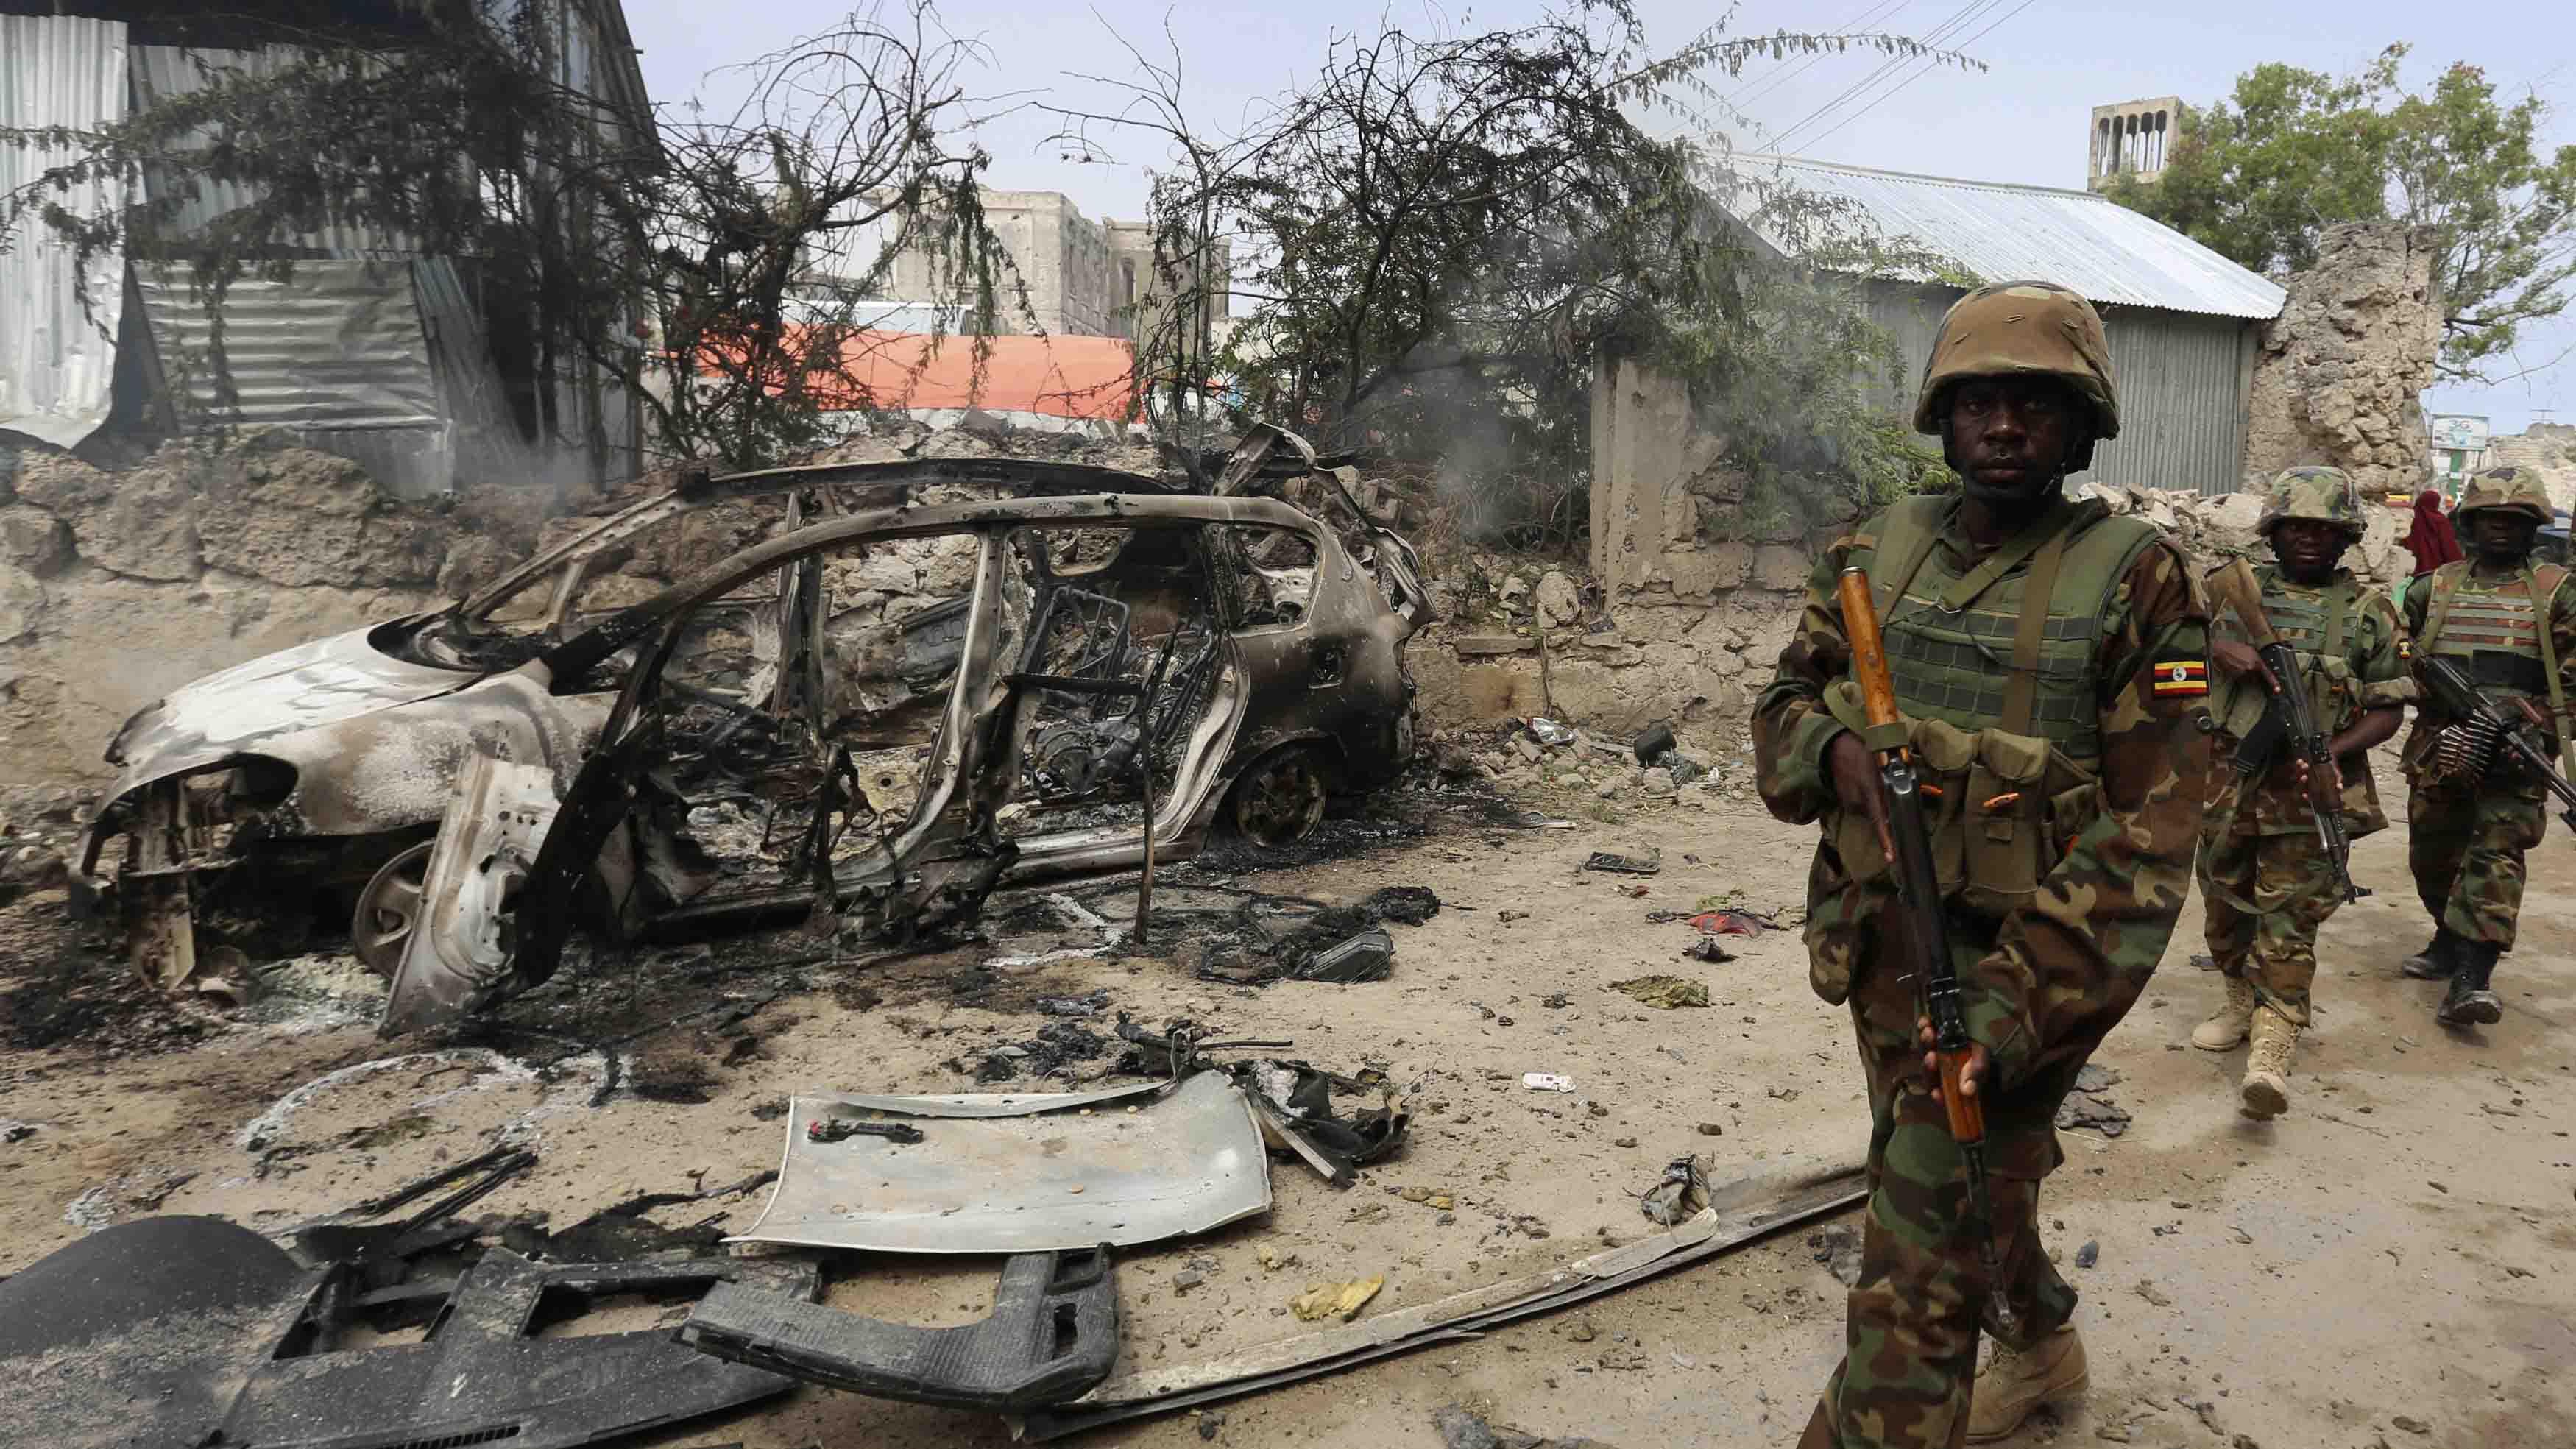 De acuerdo a las fuentes locales, el grupo insurgente Al Shabaab se responsabilizó de ambas explosiones